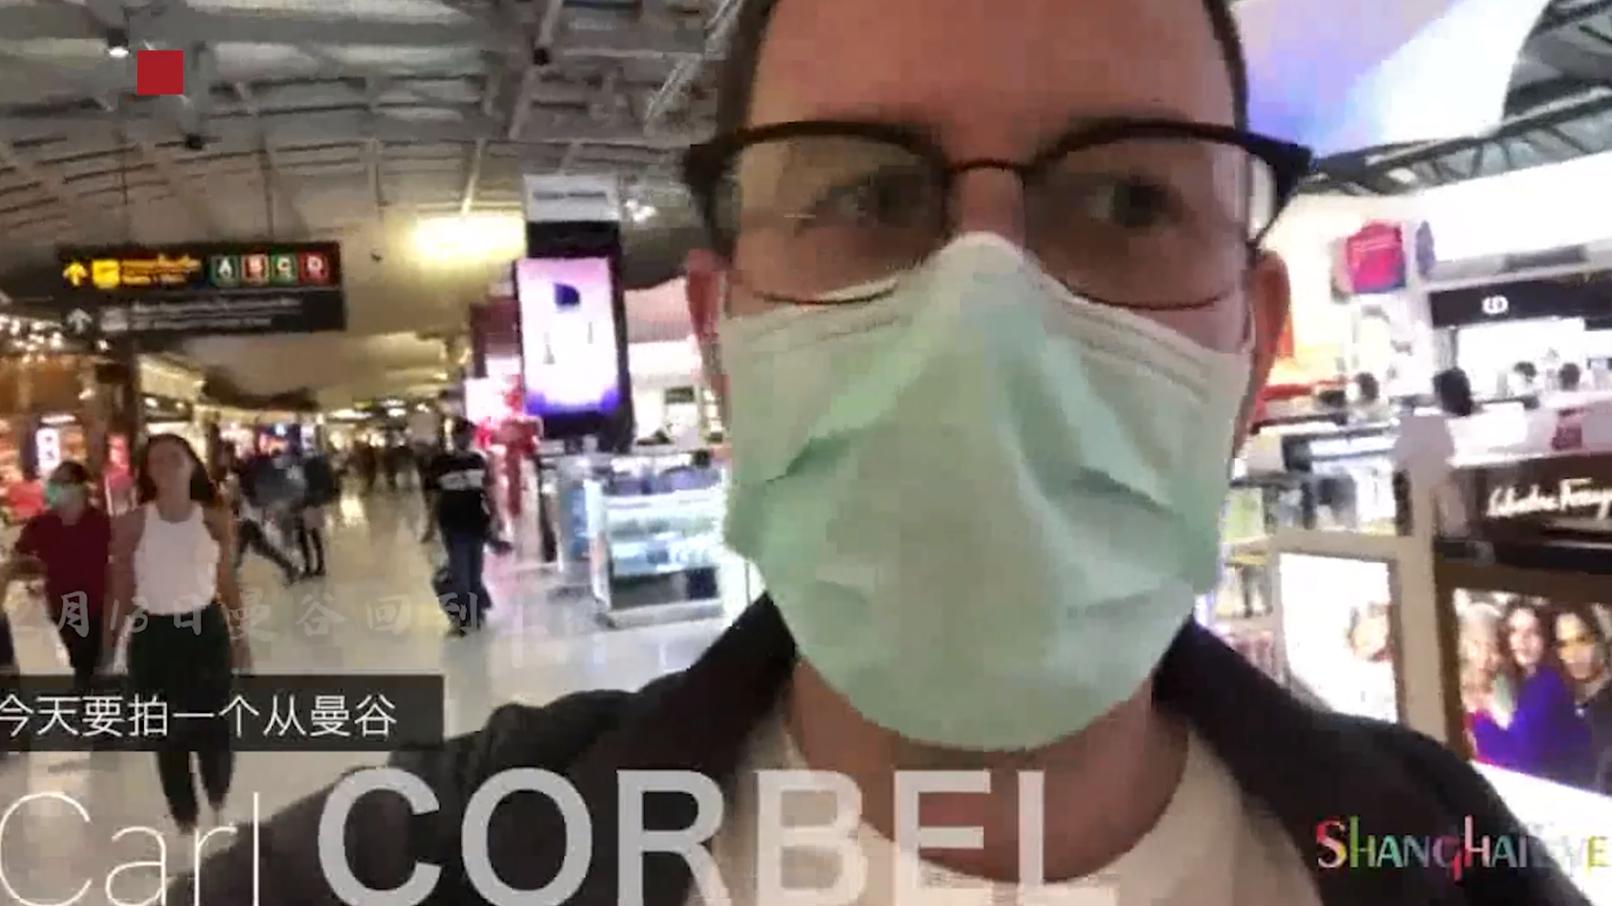 视频 | 一个法国人的防疫Vlog:上海地铁外籍员工的生活日记